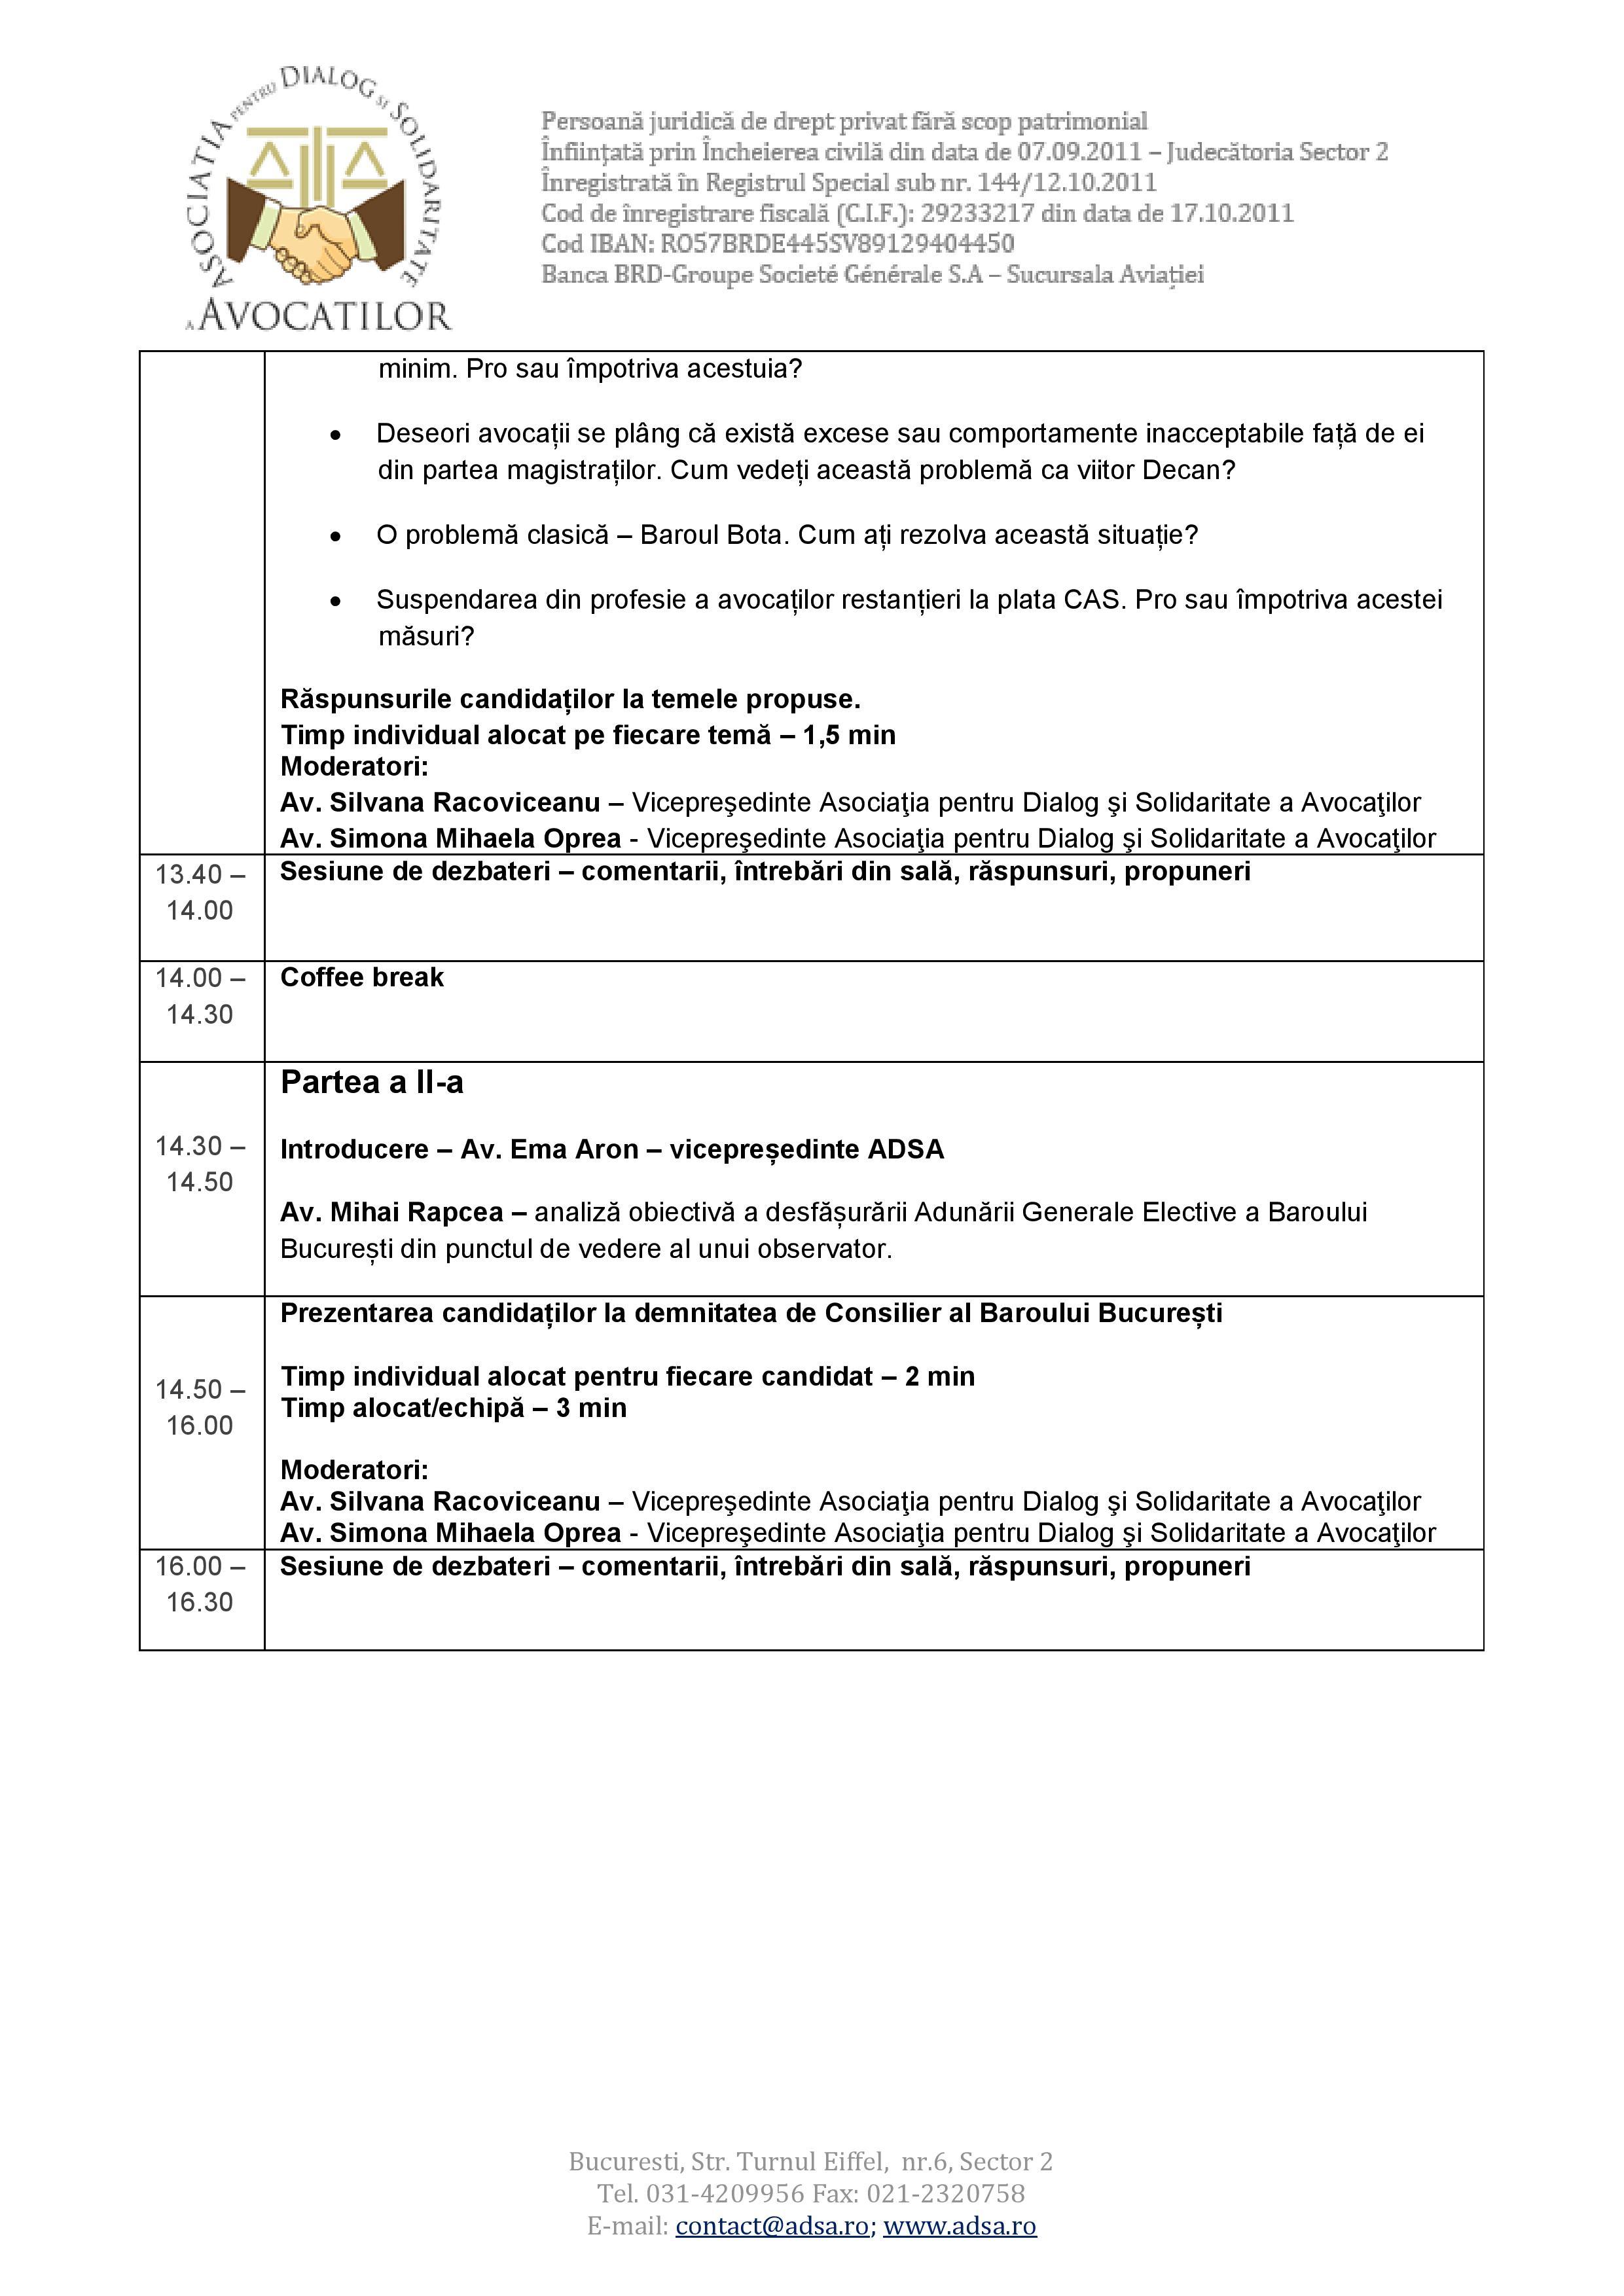 Agenda_finala_Dezbatere_14_mai_2015-page-002